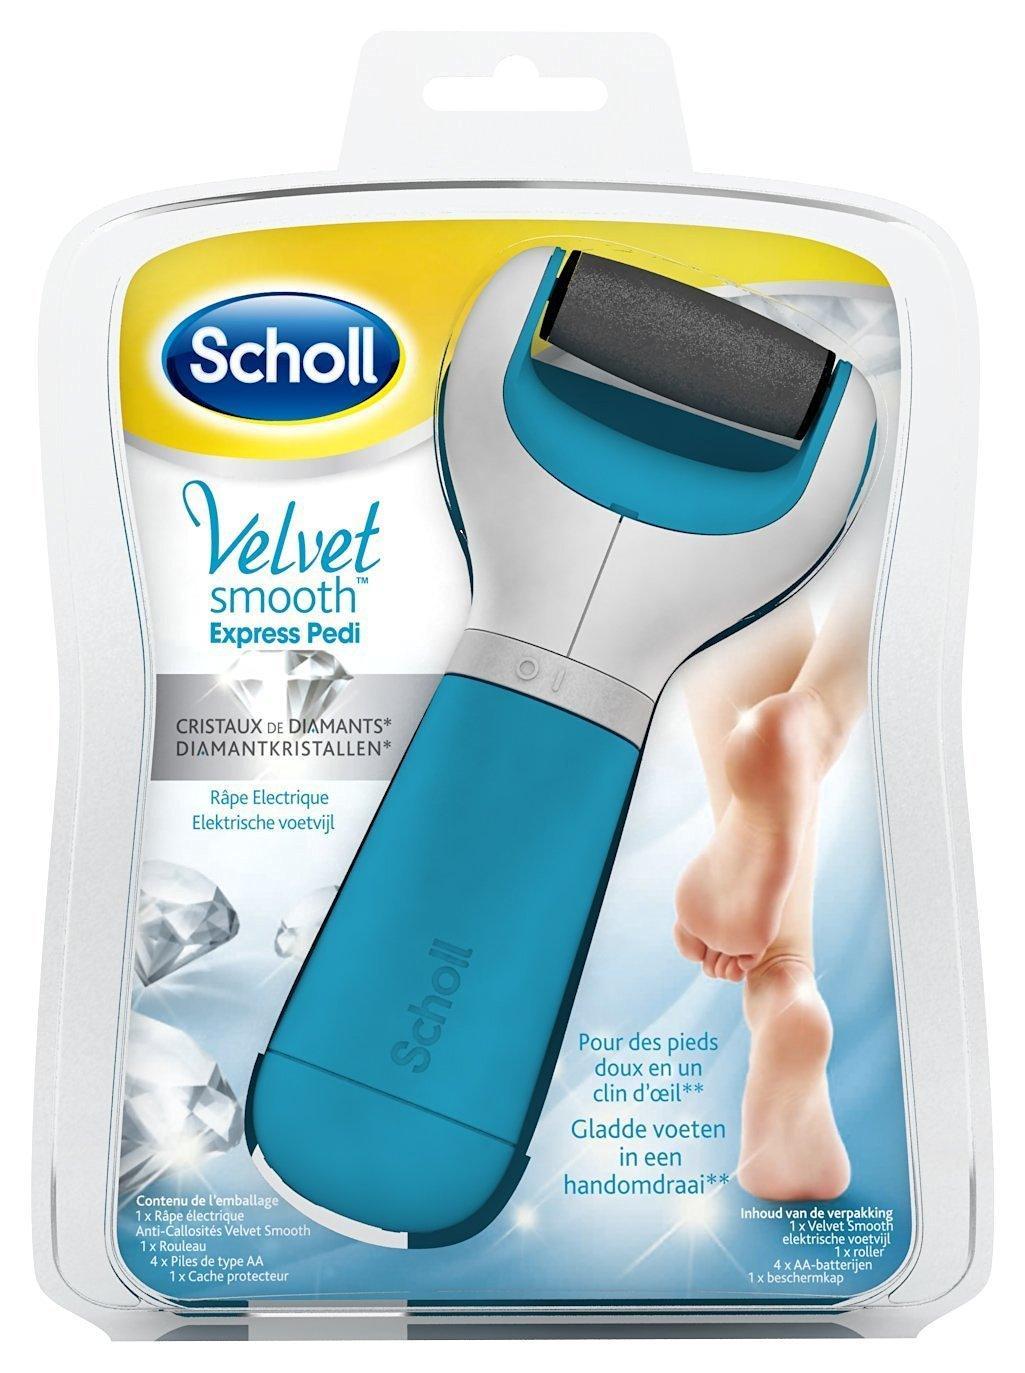 appareil de pédicure électrique Scholl velvet smooth express